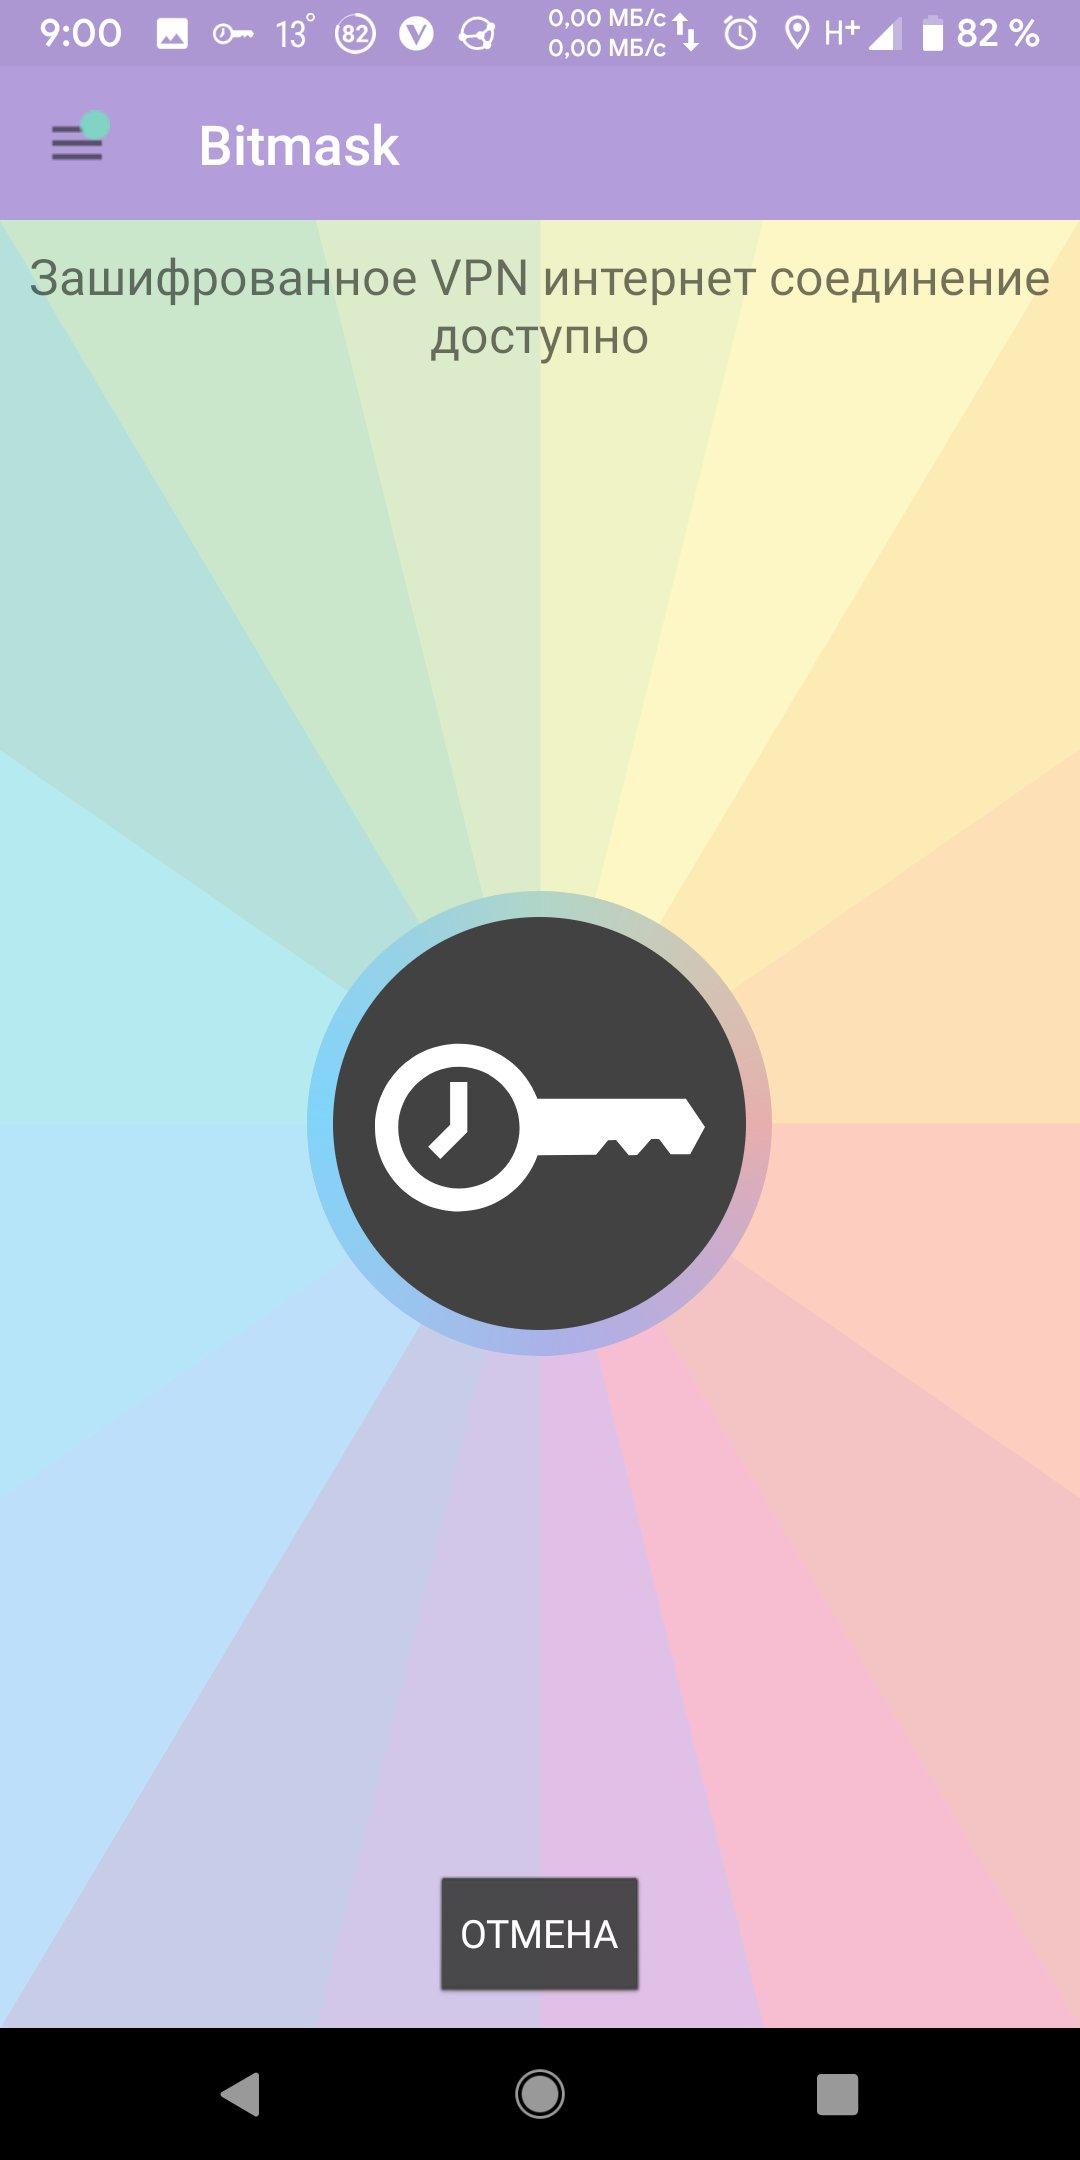 Bitmask - быстрый бесплатный VPN для Android